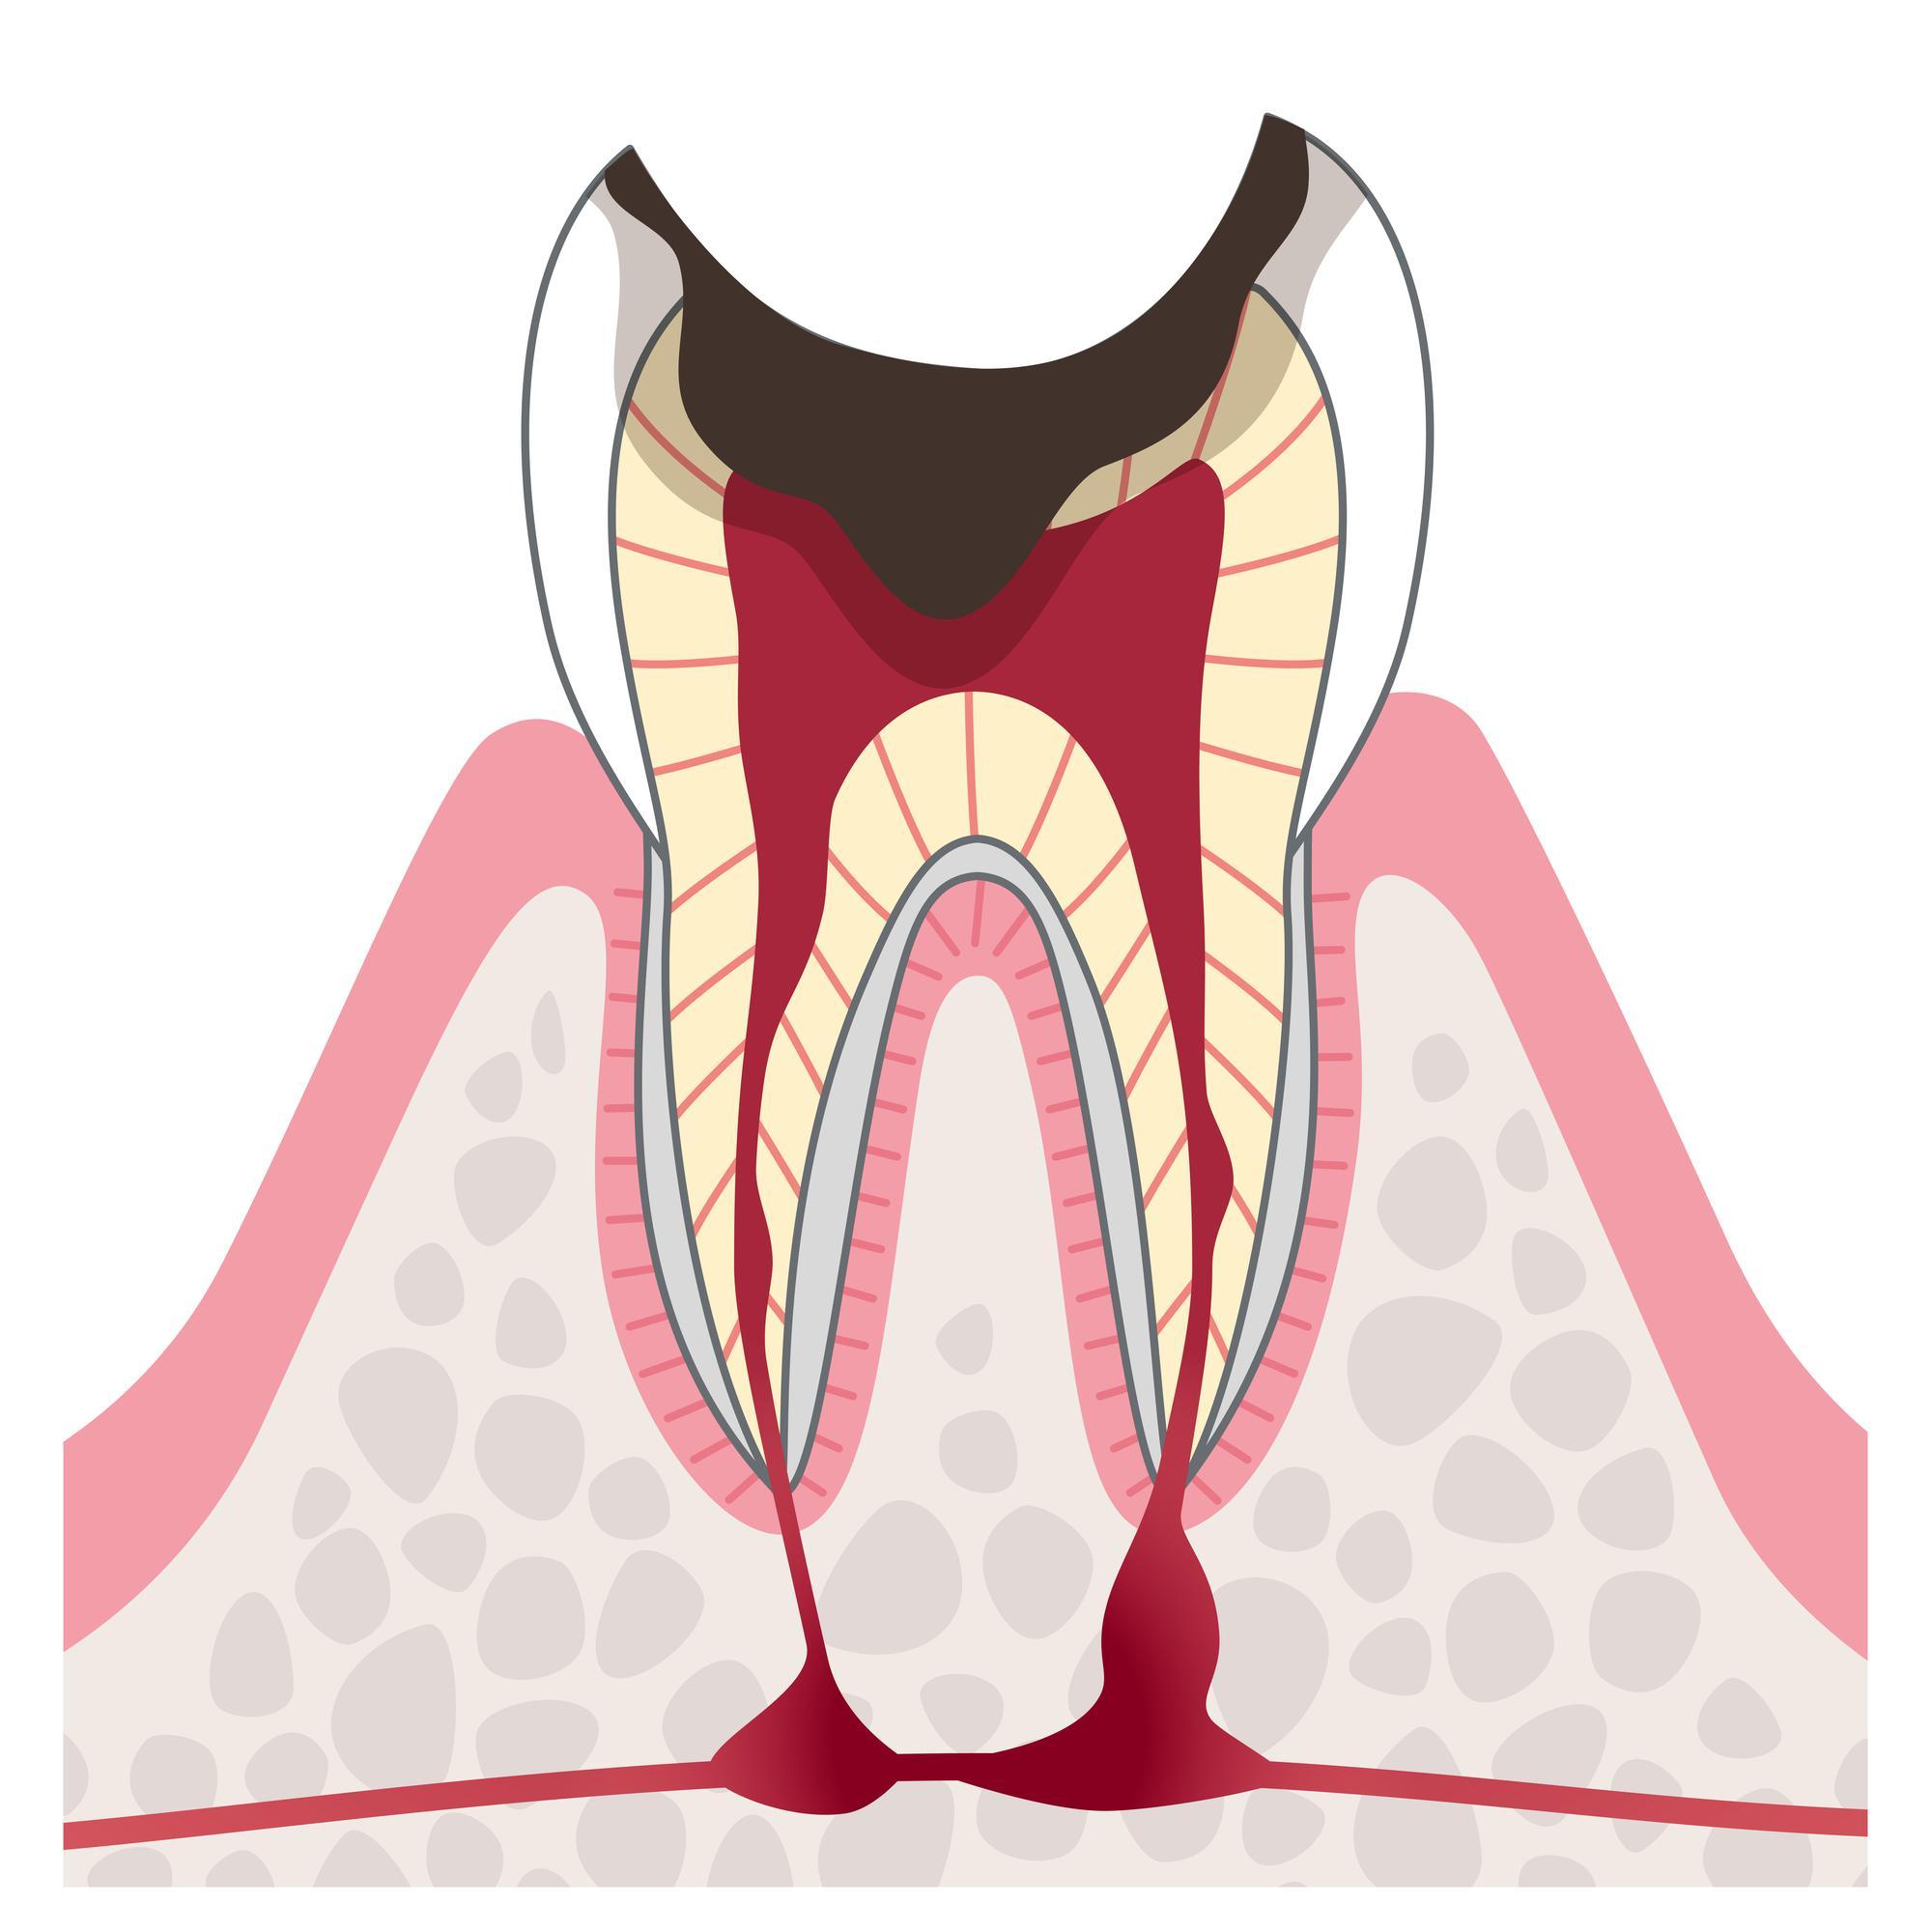 歯の根まで進行した虫歯イラスト